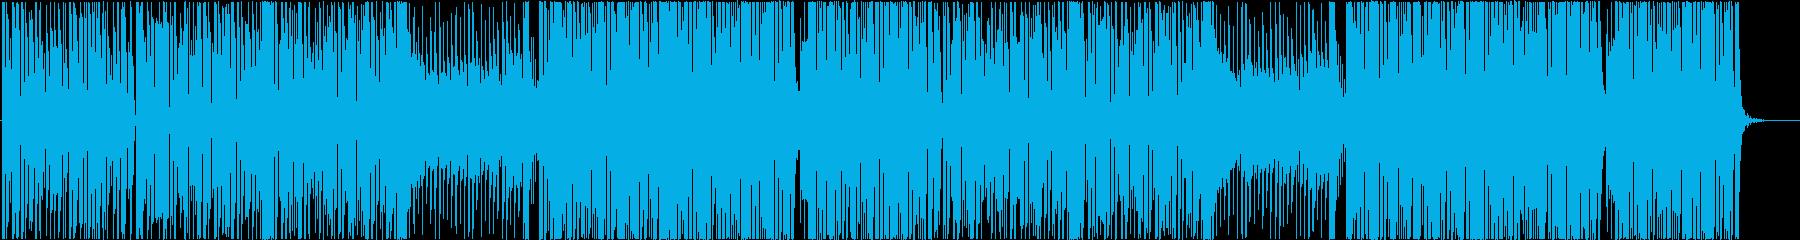 キュートなK-Popトラック♬の再生済みの波形